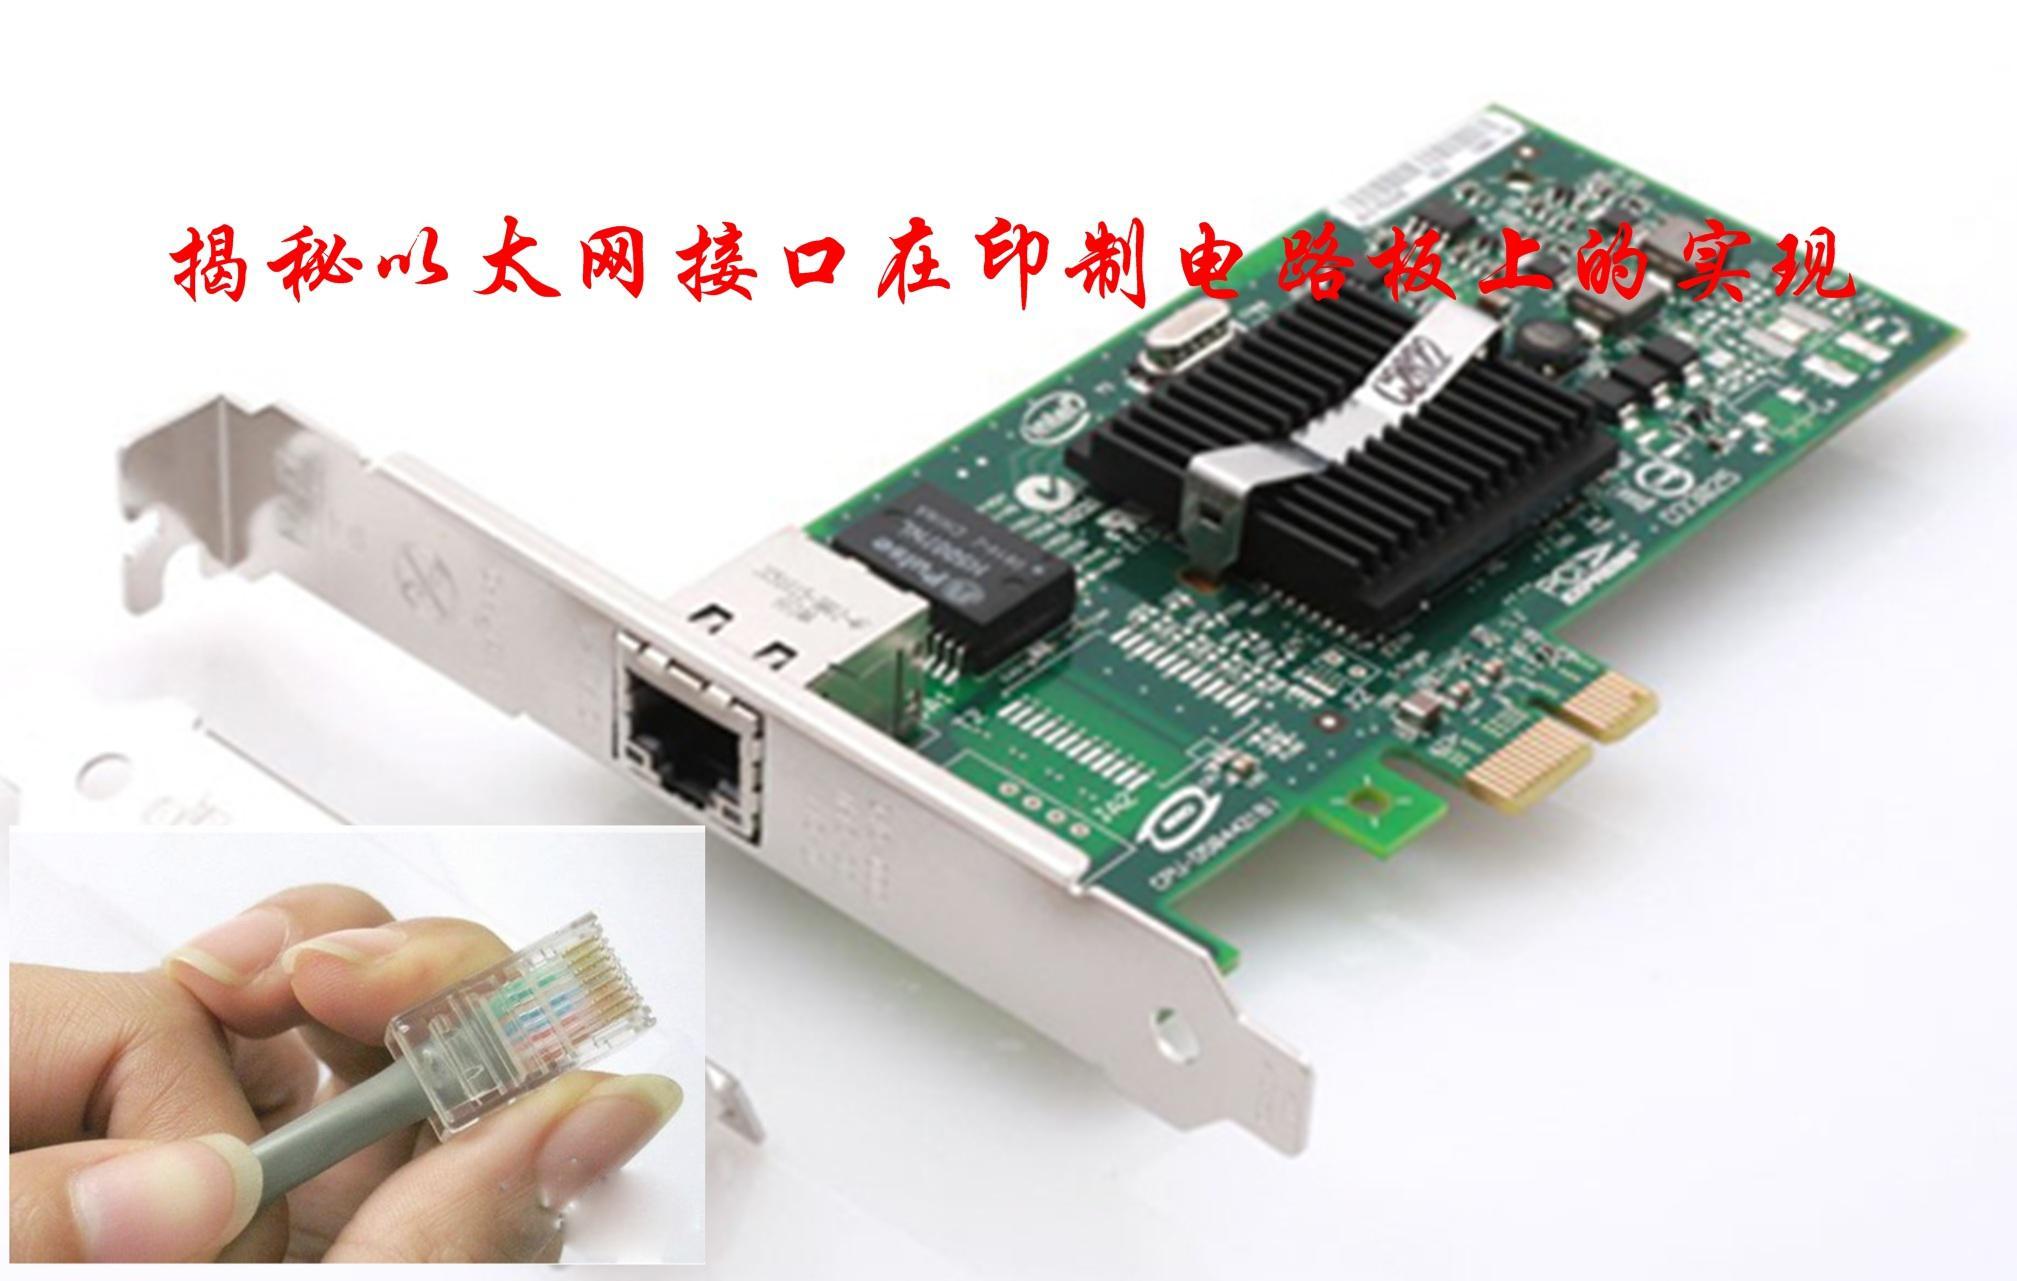 揭秘以太网接口在印制电路板上的实现